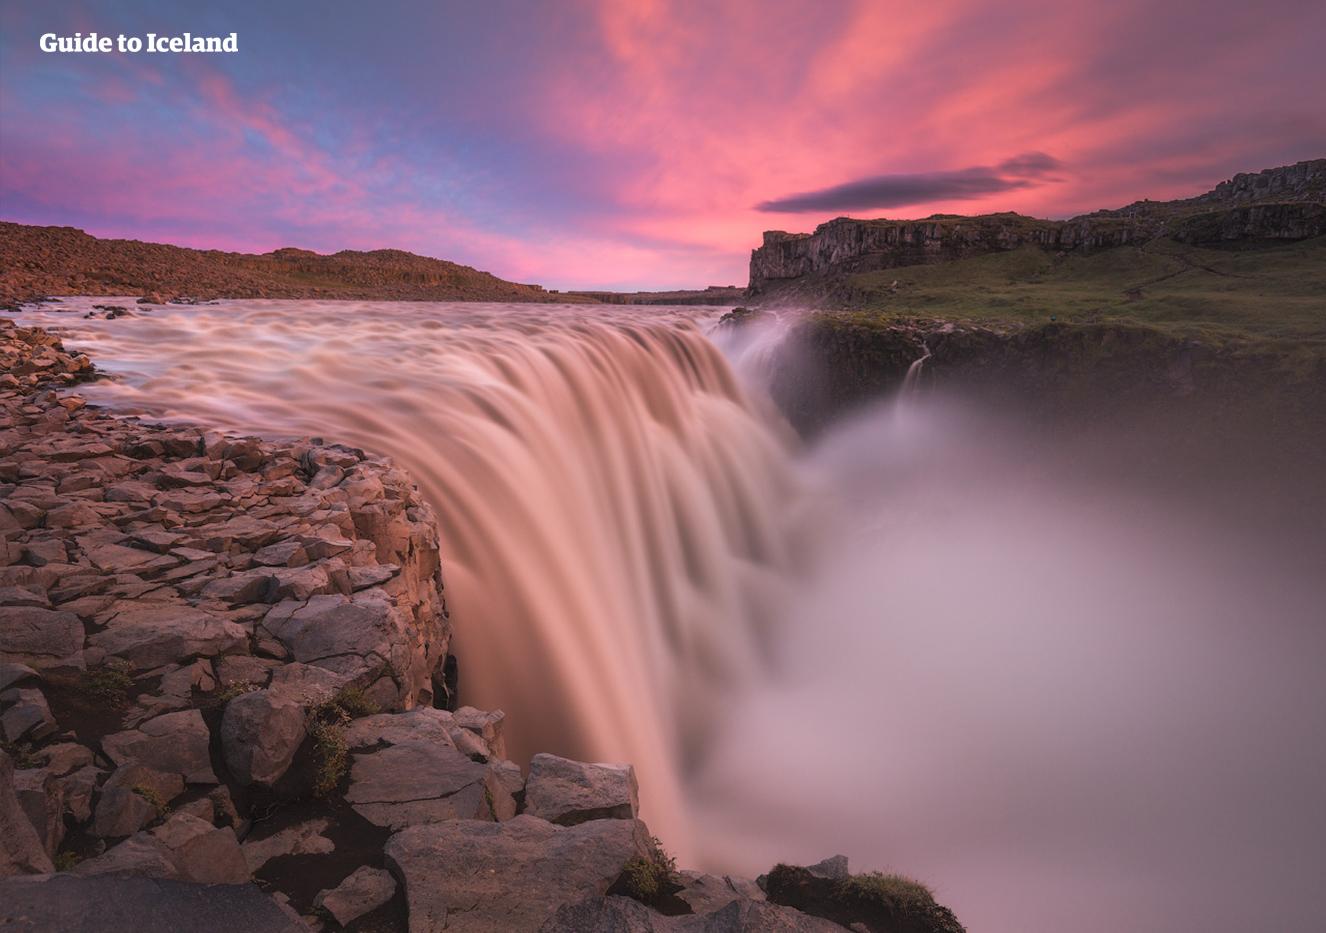 In het noorden van IJsland vind je Dettifoss, een brullende en ontzagwekkende waterval, waarvan wordt gezegd dat deze de krachtigste waterval van Europa is